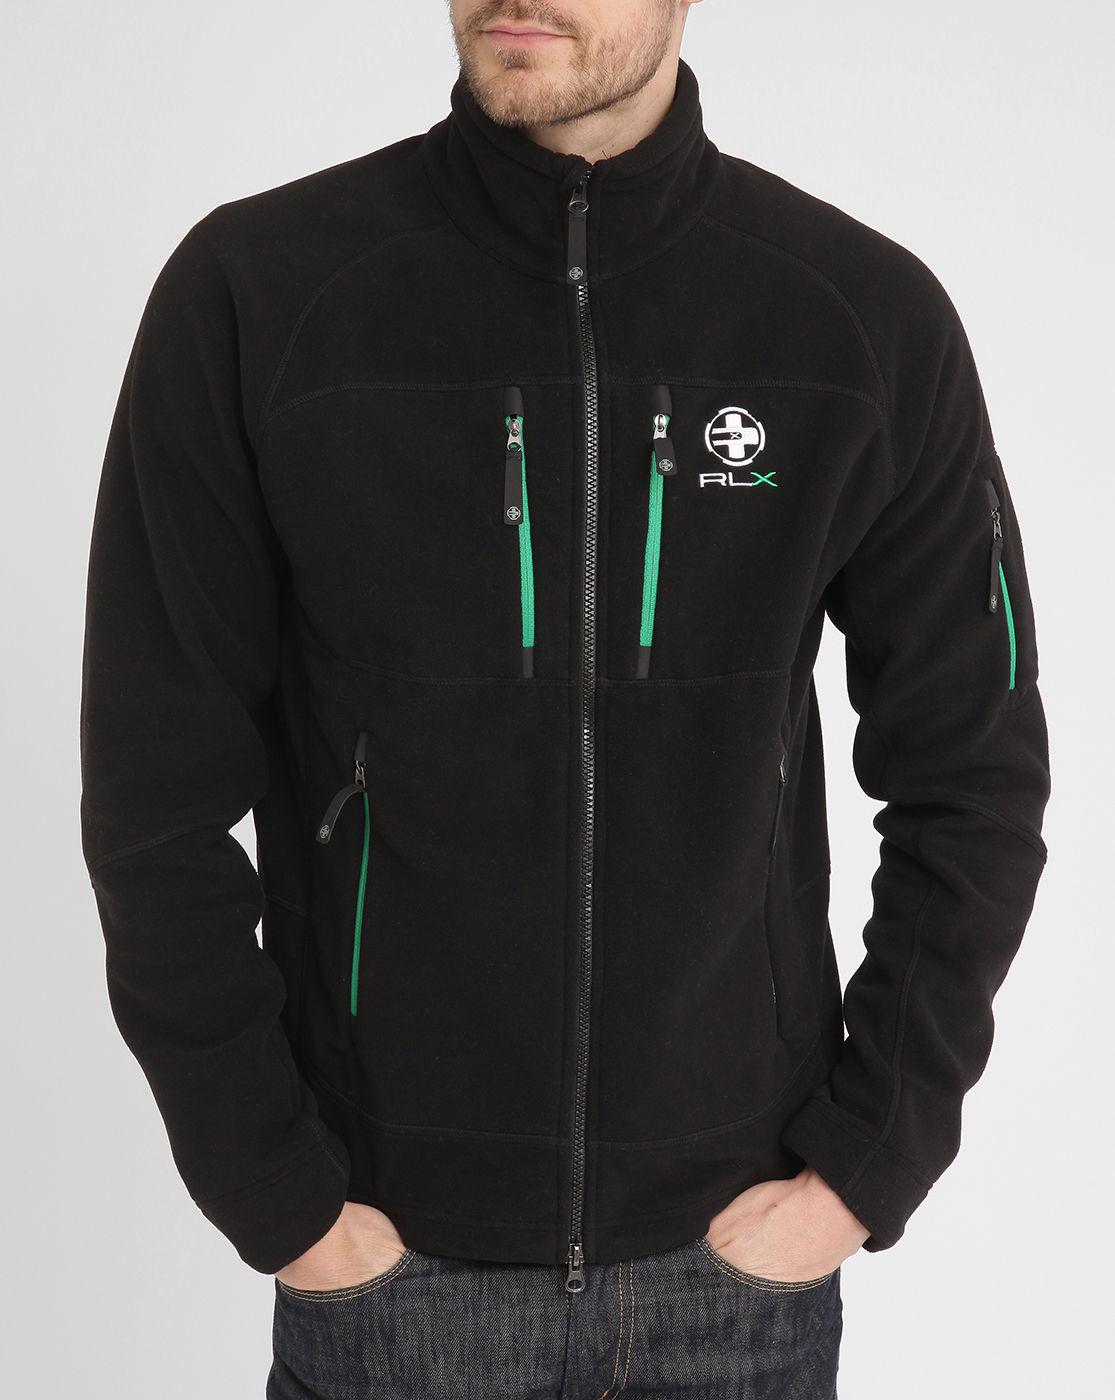 Polo Ralph Lauren Black Multi Zip Green Contrast Fleece